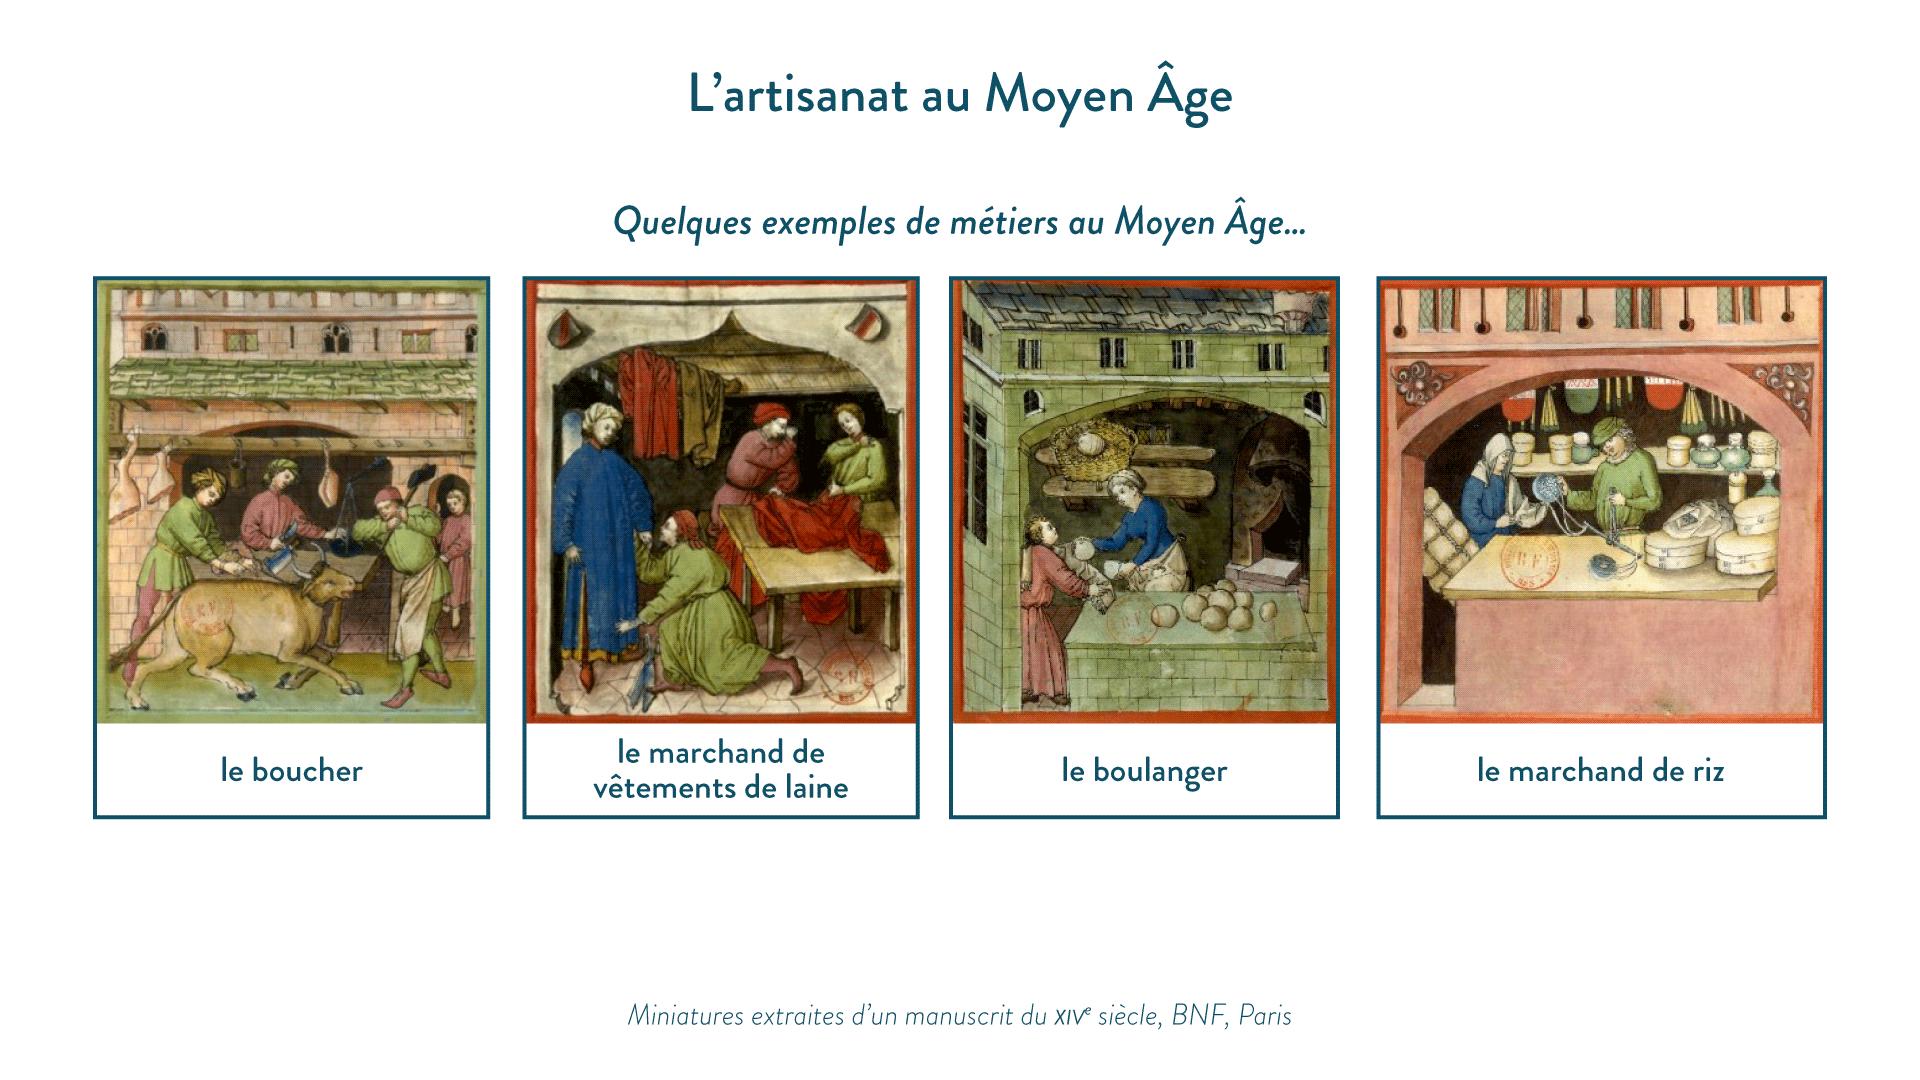 Quelques exemples de métiers au MoyenÂge, miniatures extraites d'un manuscrit du XIV<sup>e</sup>siècle, BNF, Paris-histoire-5e